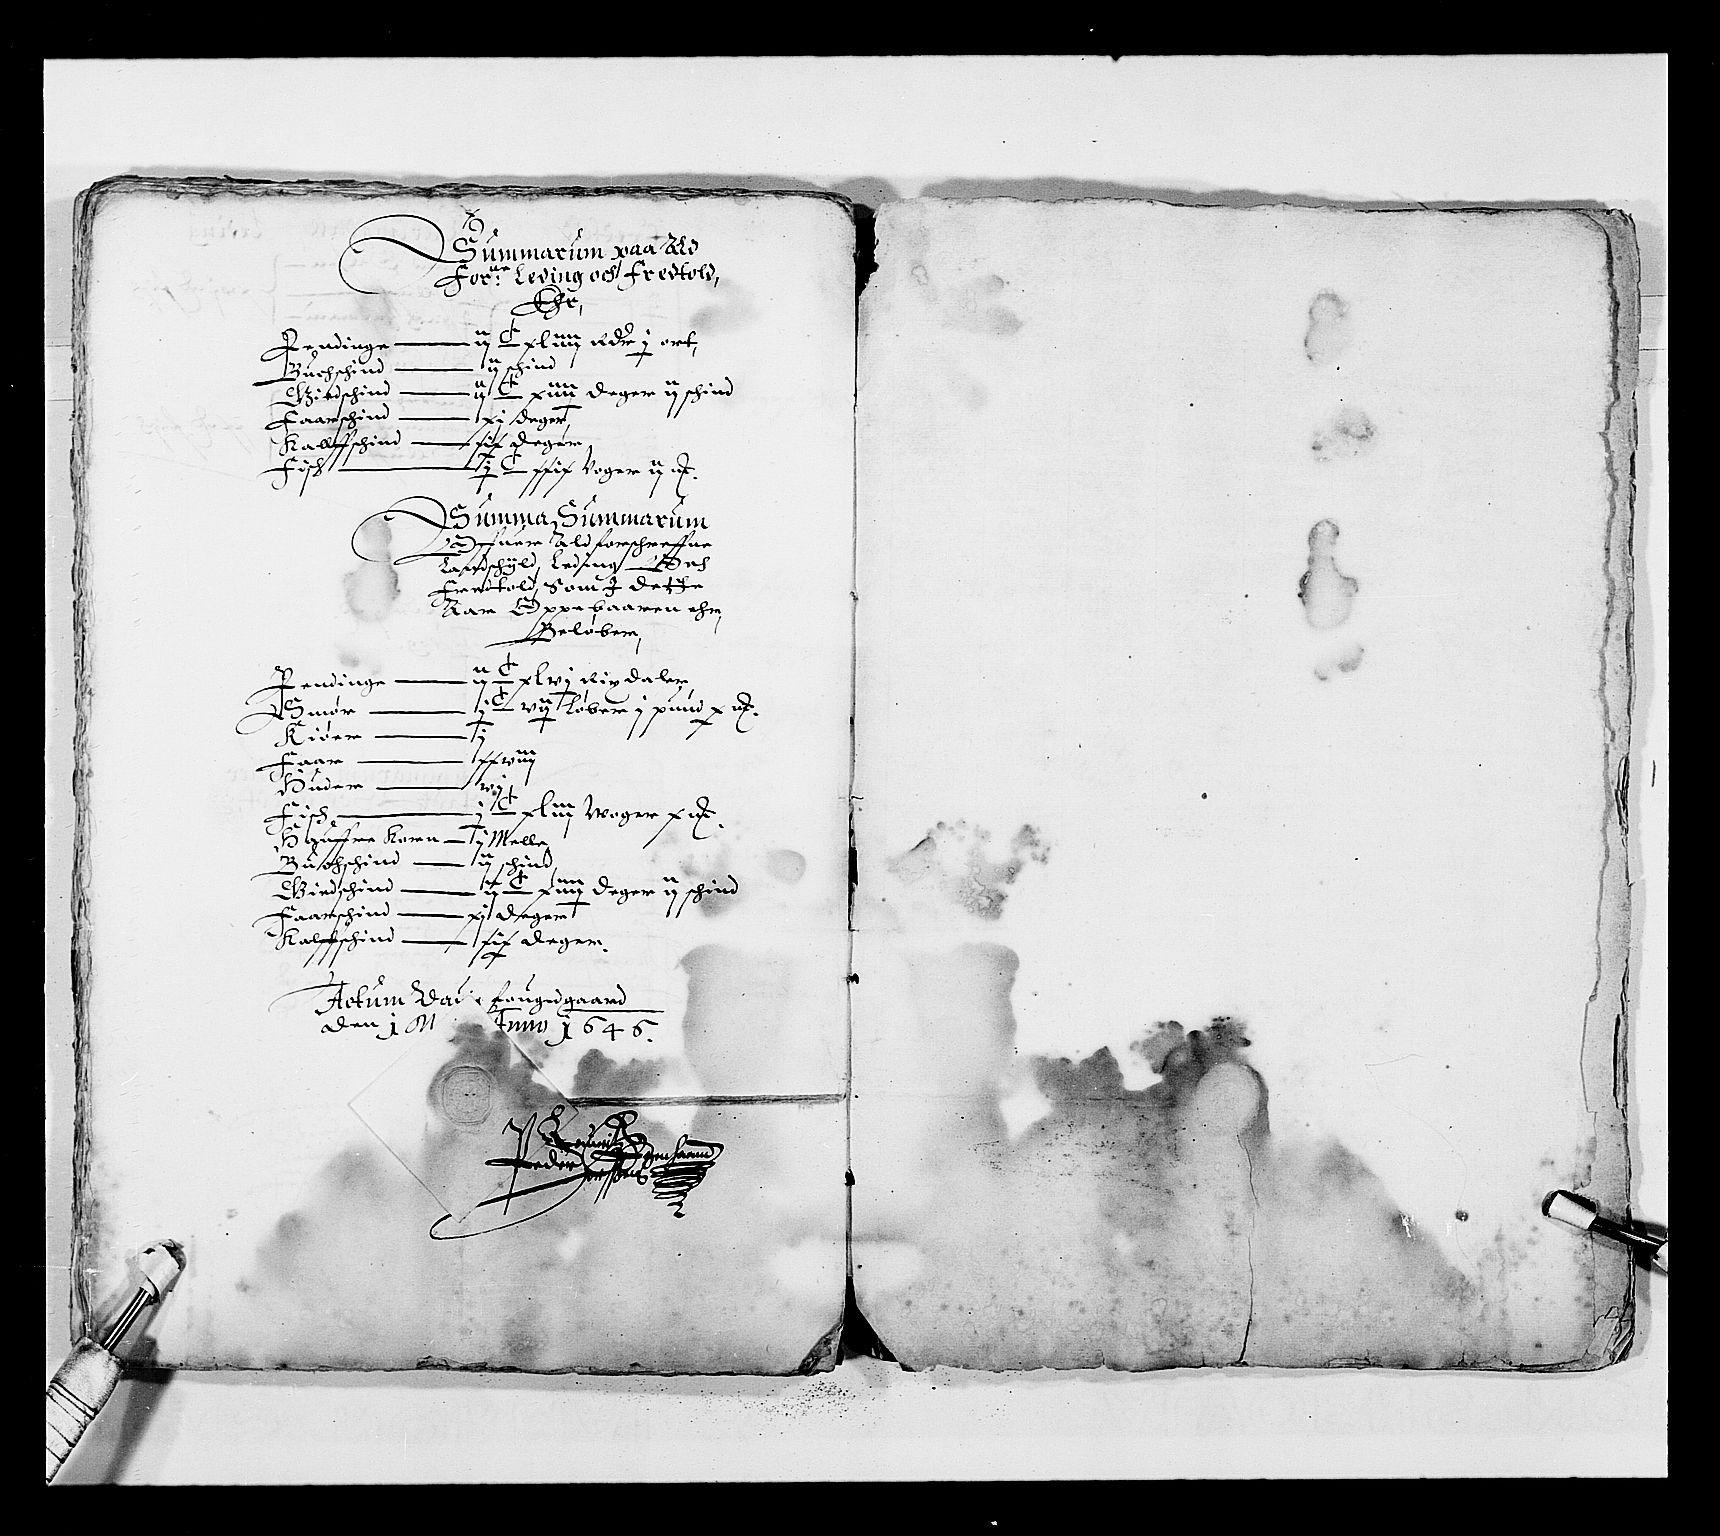 RA, Stattholderembetet 1572-1771, Ek/L0025: Jordebøker 1633-1658:, 1645-1646, s. 235